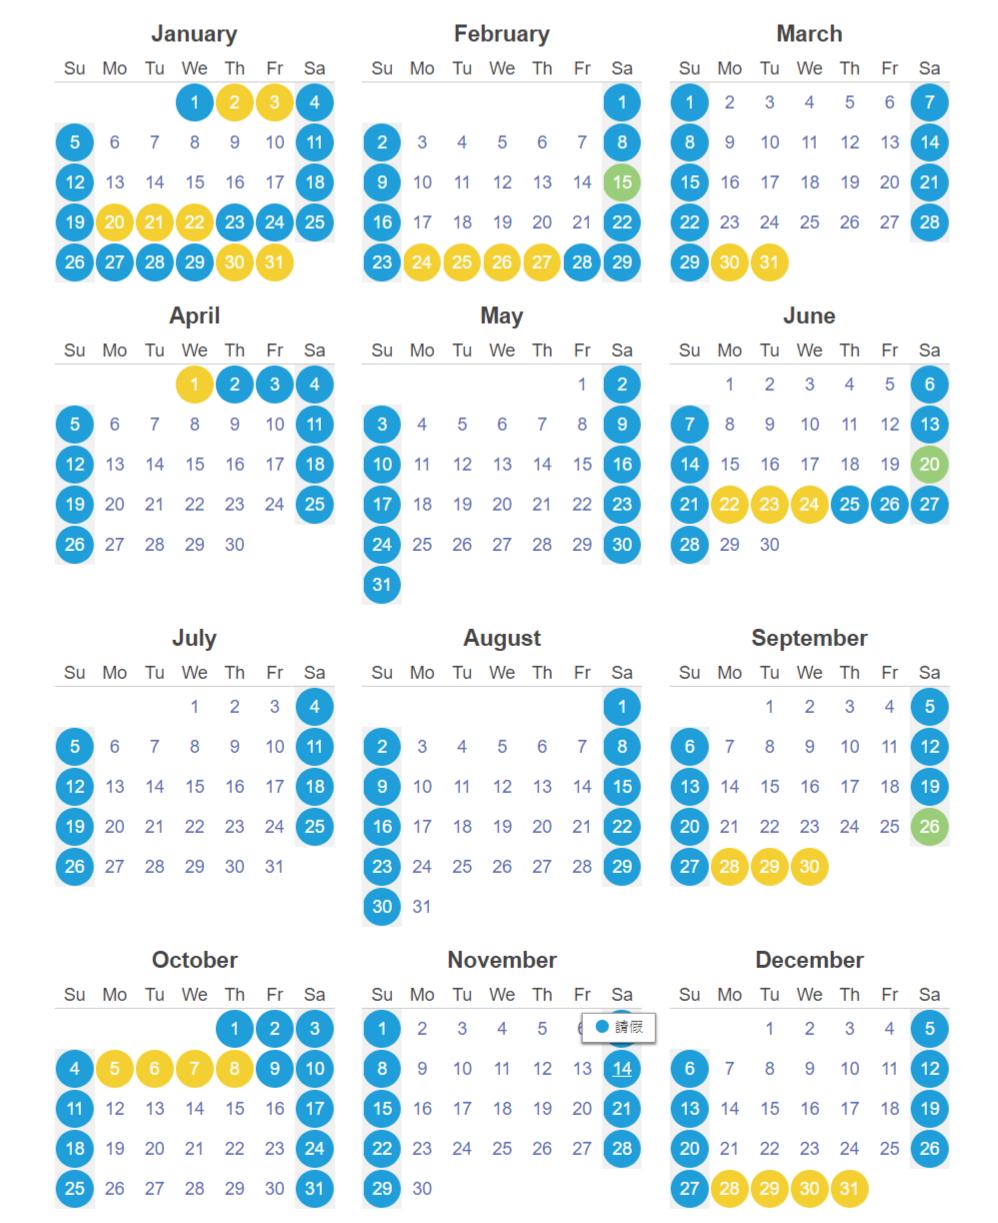 【隨筆】2020年台灣假期行事曆